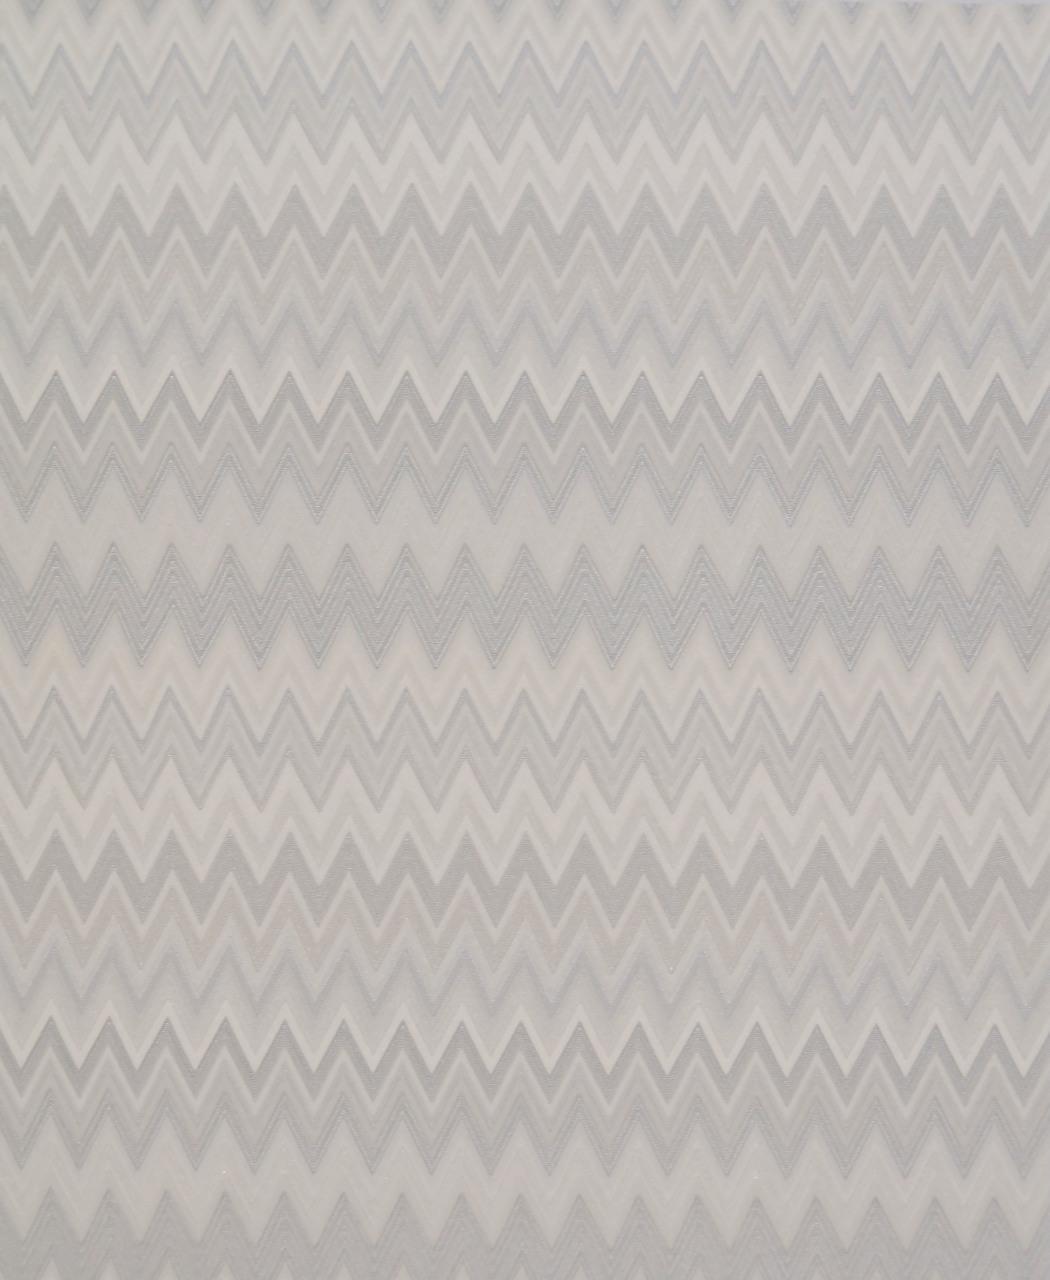 MI10066 Missoni Home Zig Zag Multicolore Wallpaper by york 1050x1280